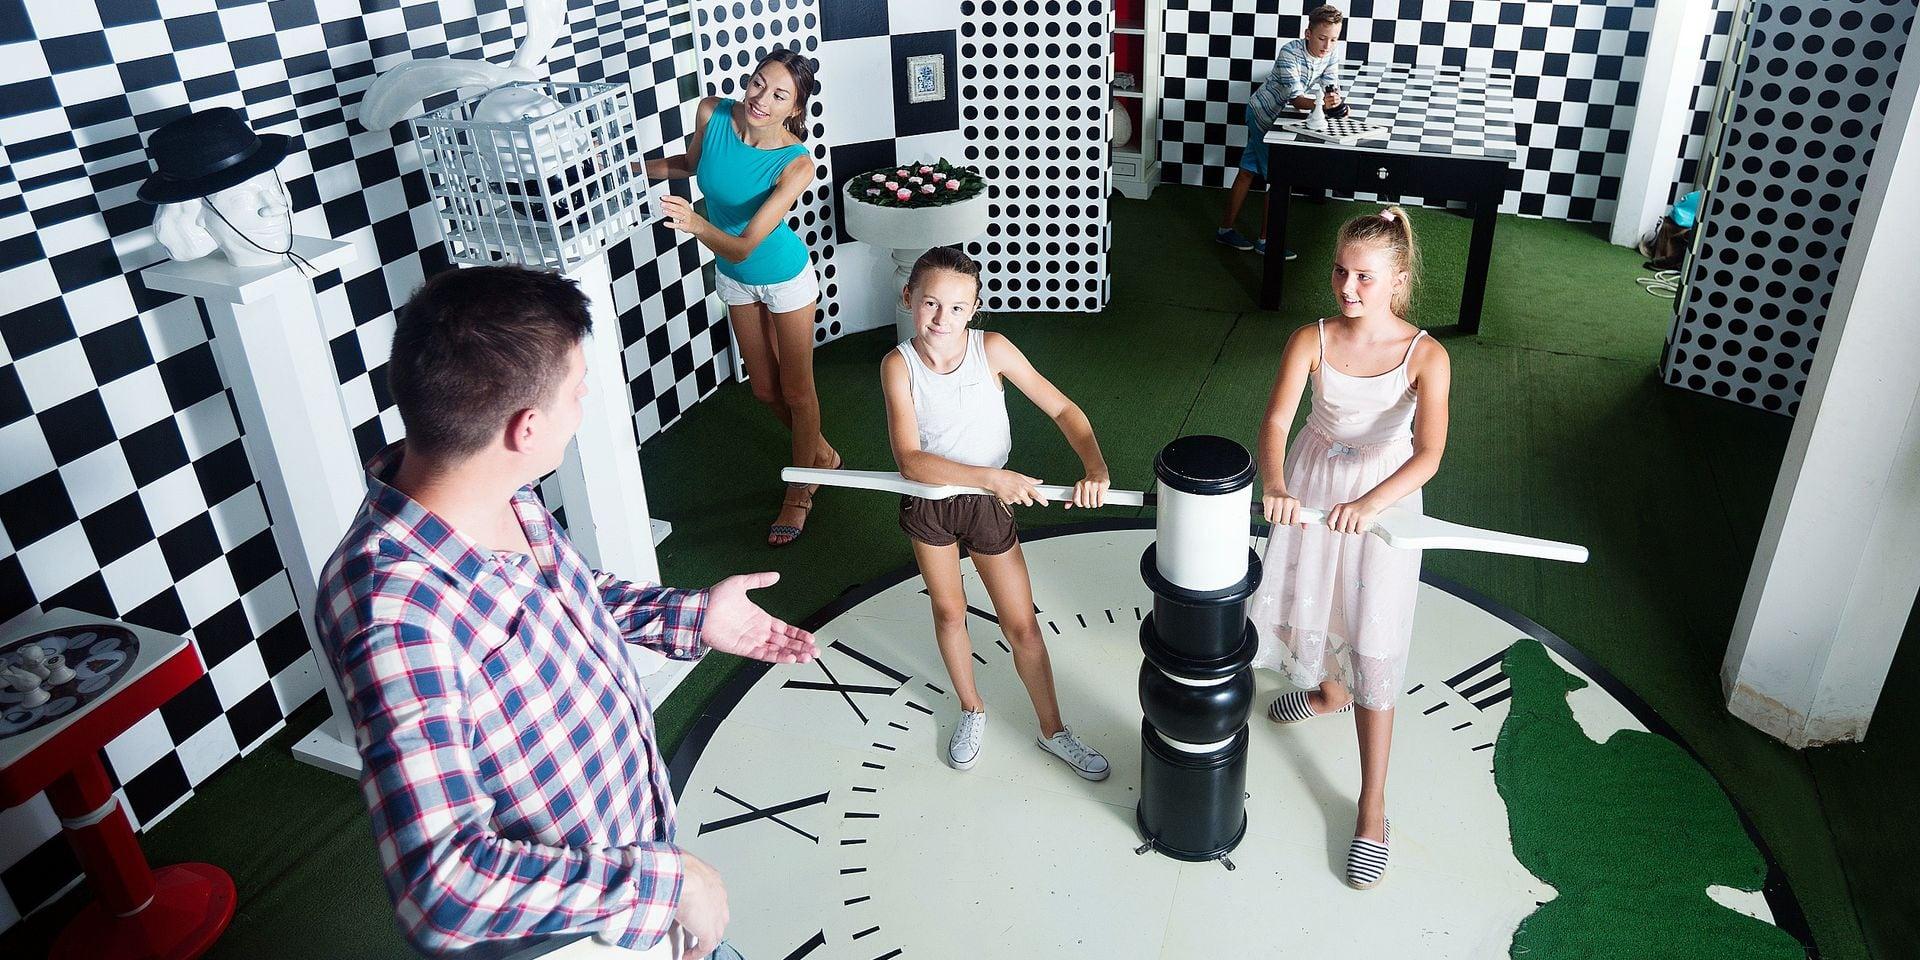 Le boom des Escape Rooms : il y en a pour toutes les générations